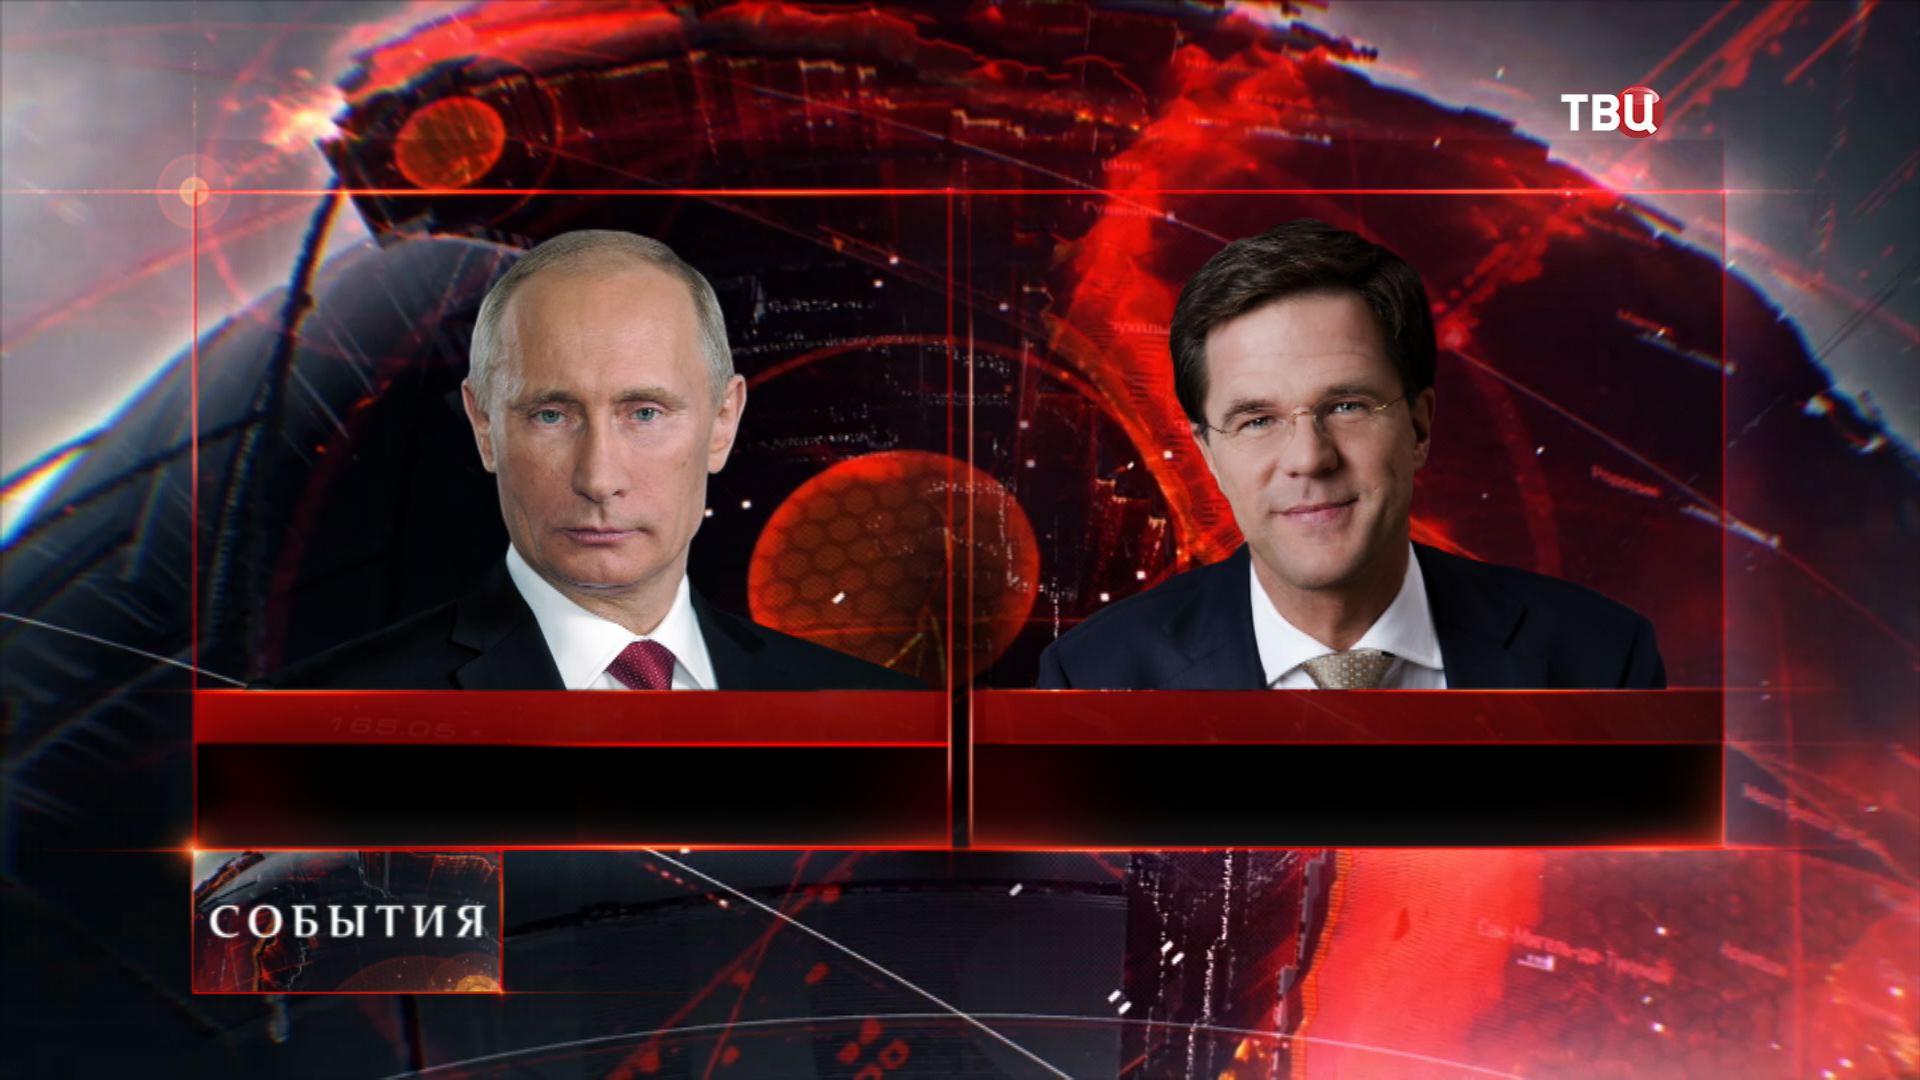 Владимир Путин и Марк Рютте, премьер-министр Нидерландов